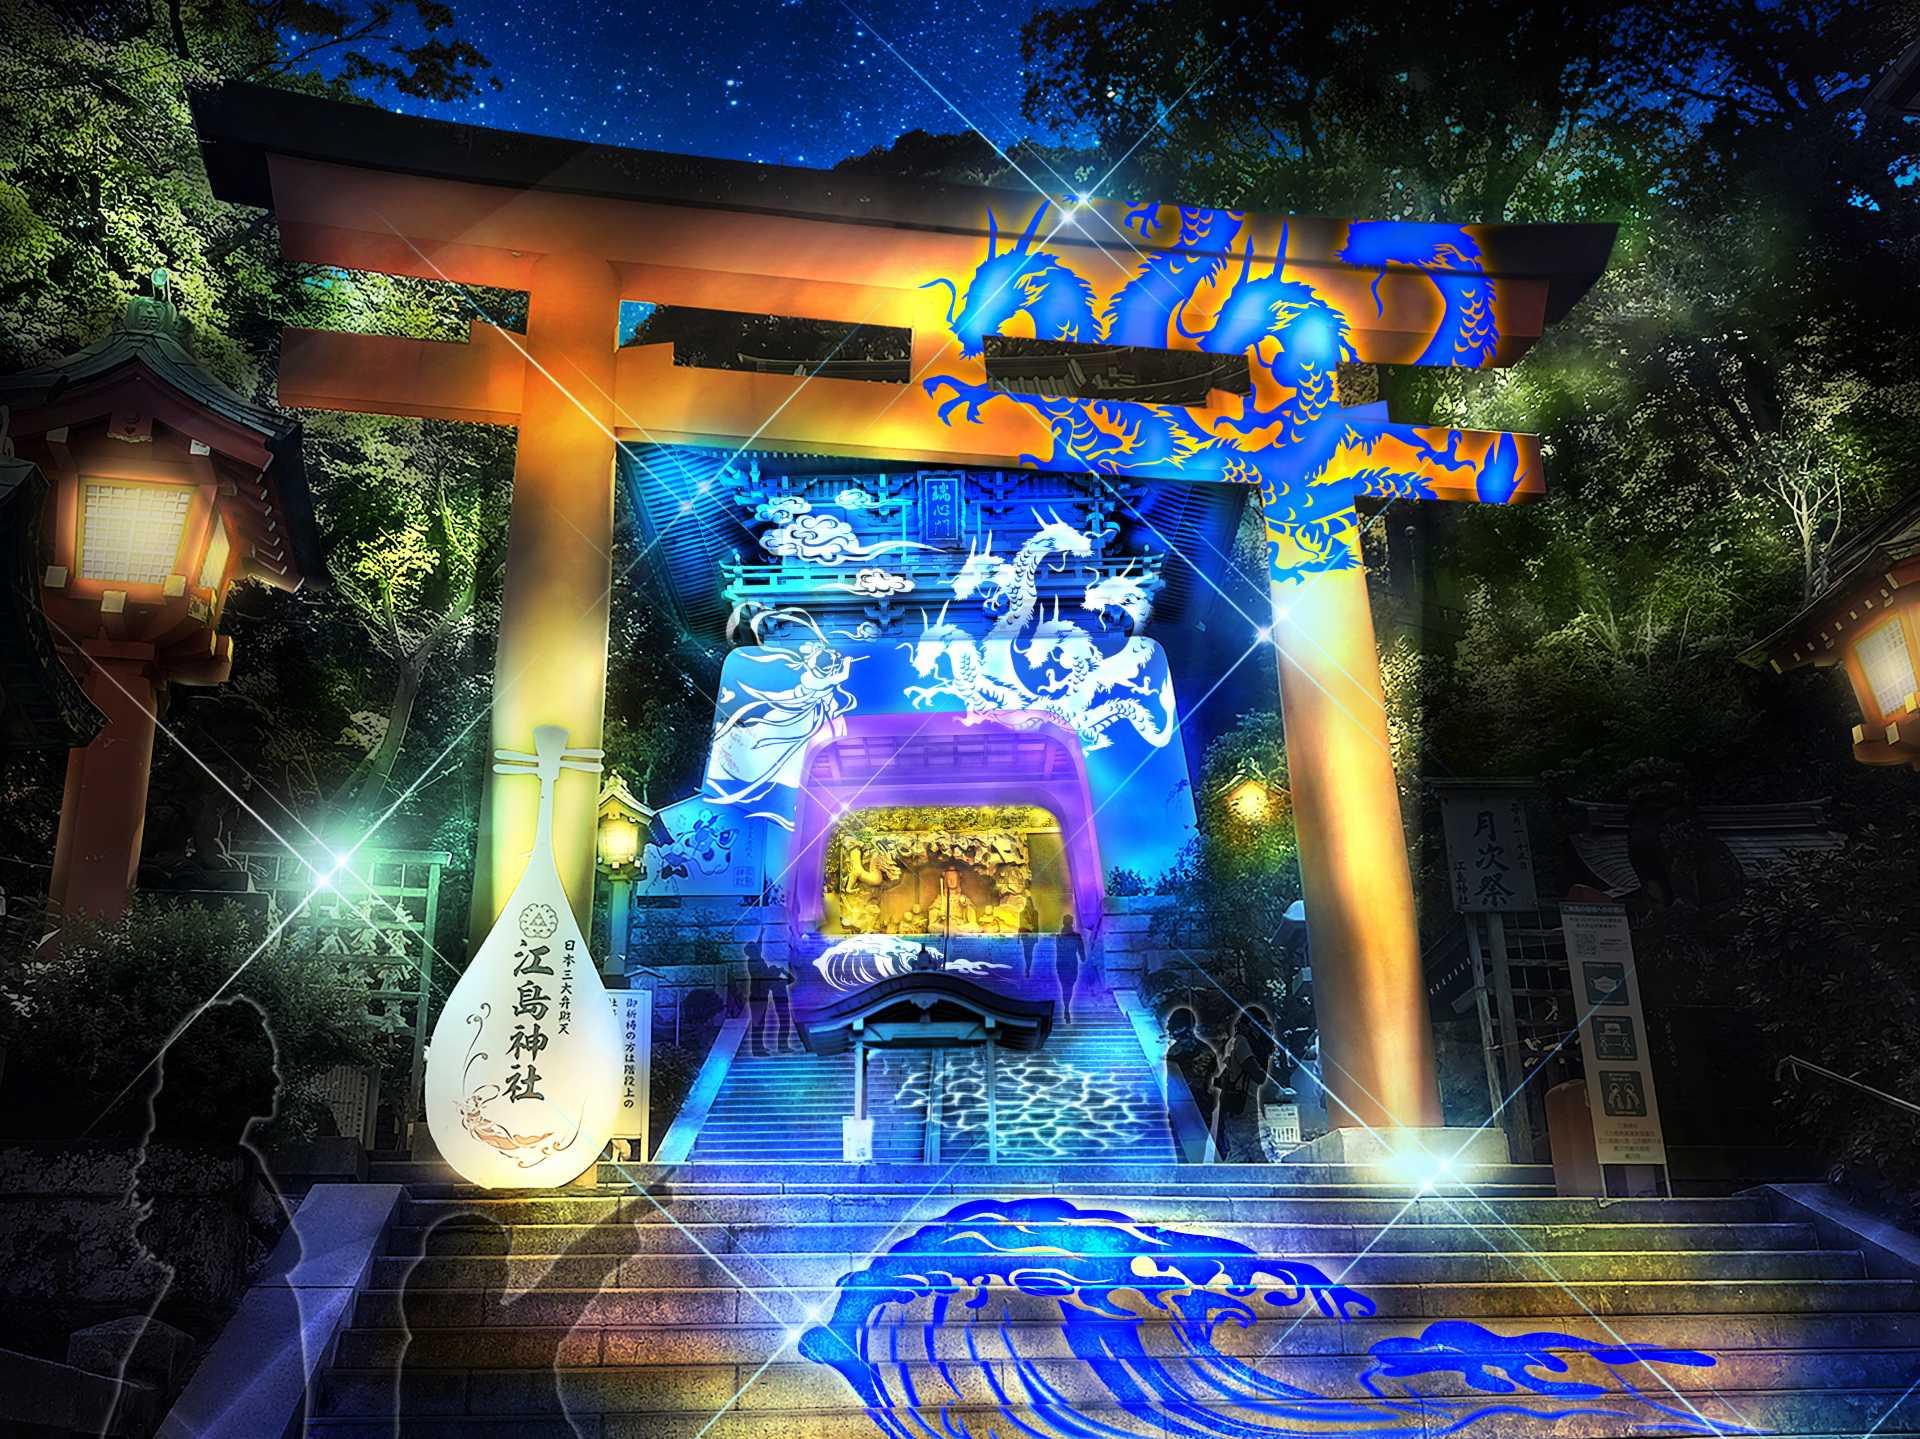 江の島灯籠2021 イメージ